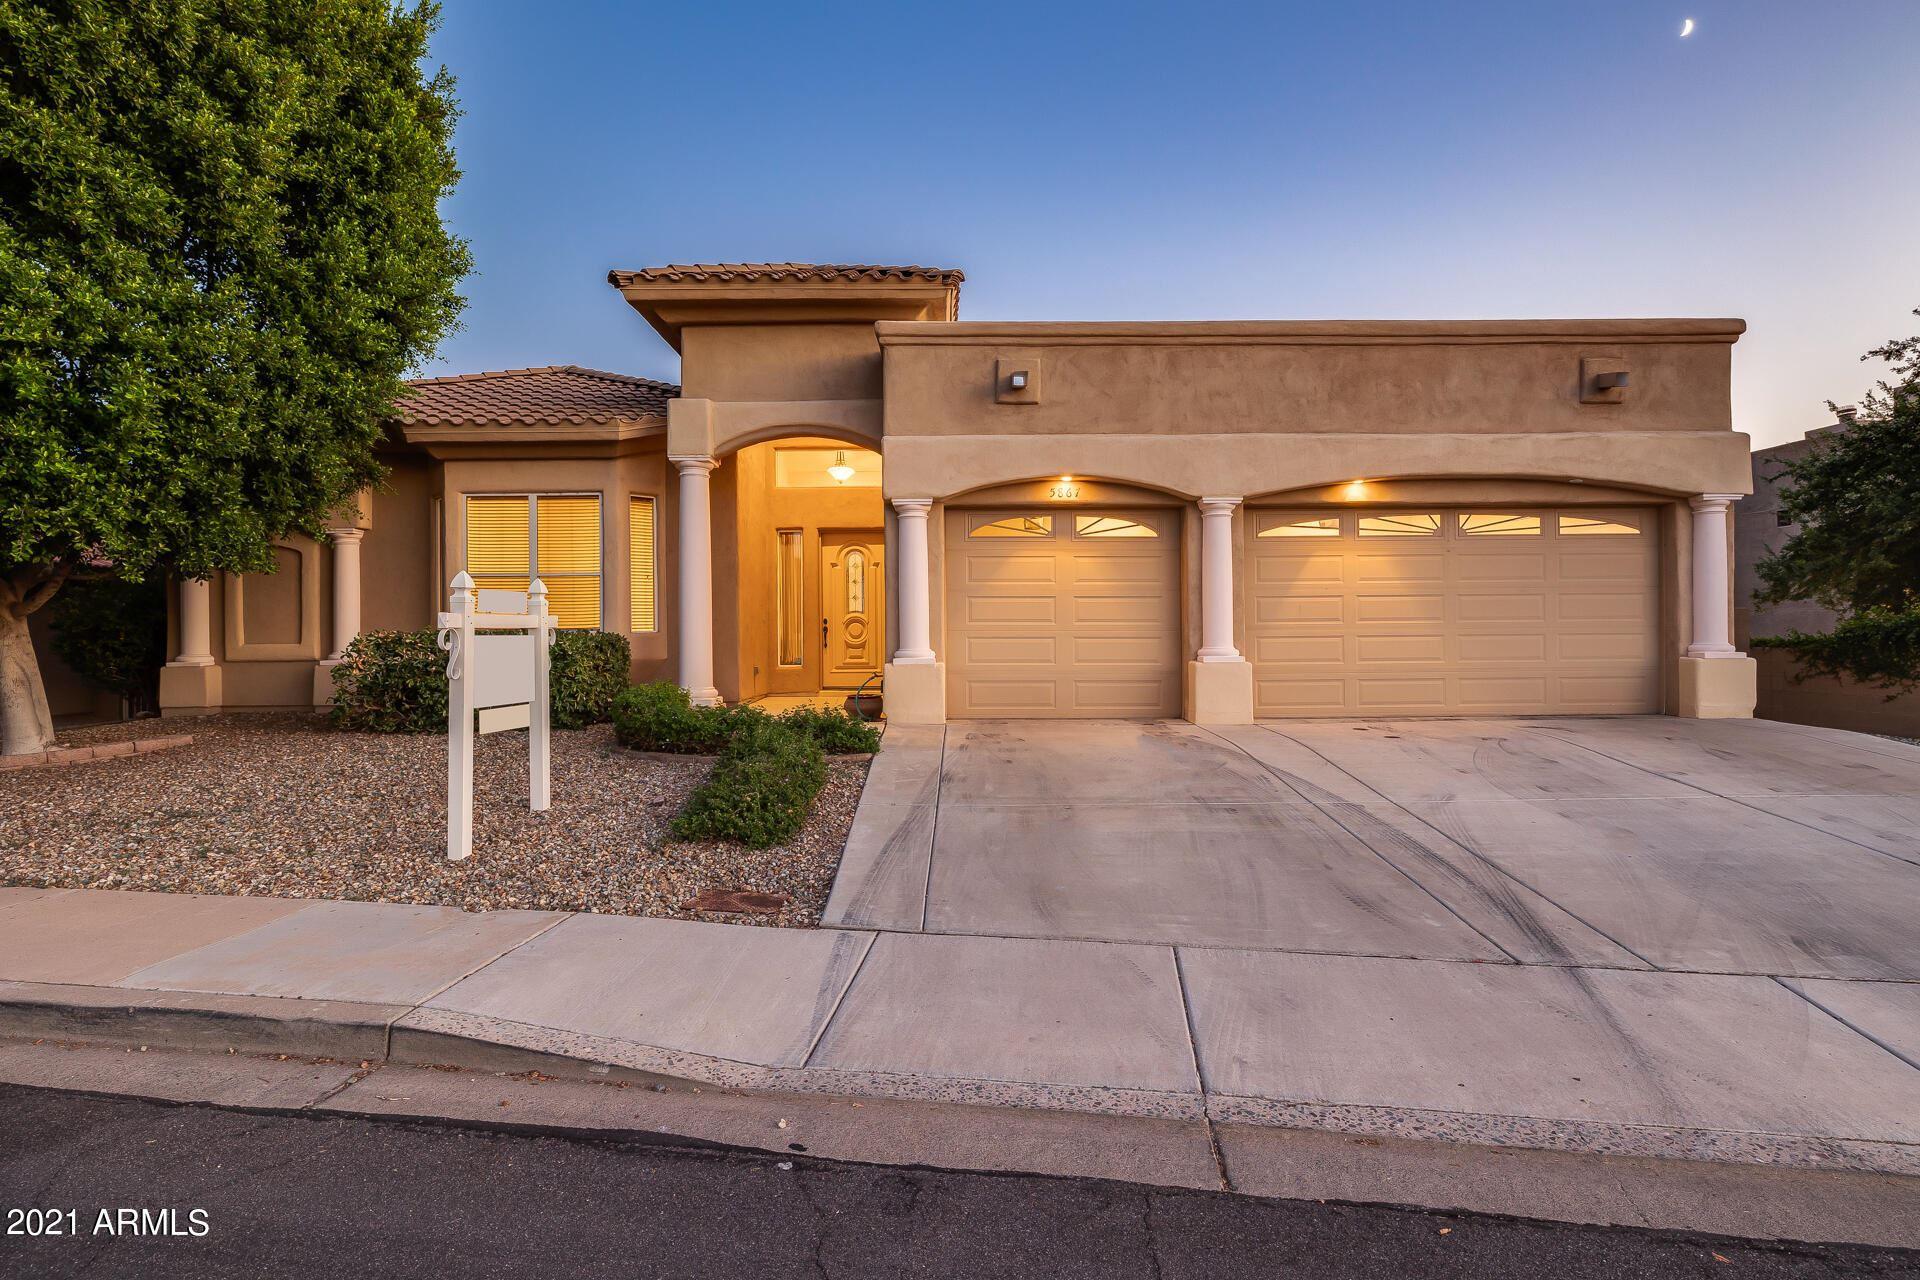 5867 W ABRAHAM Lane, Glendale, AZ 85308 - MLS#: 6280940